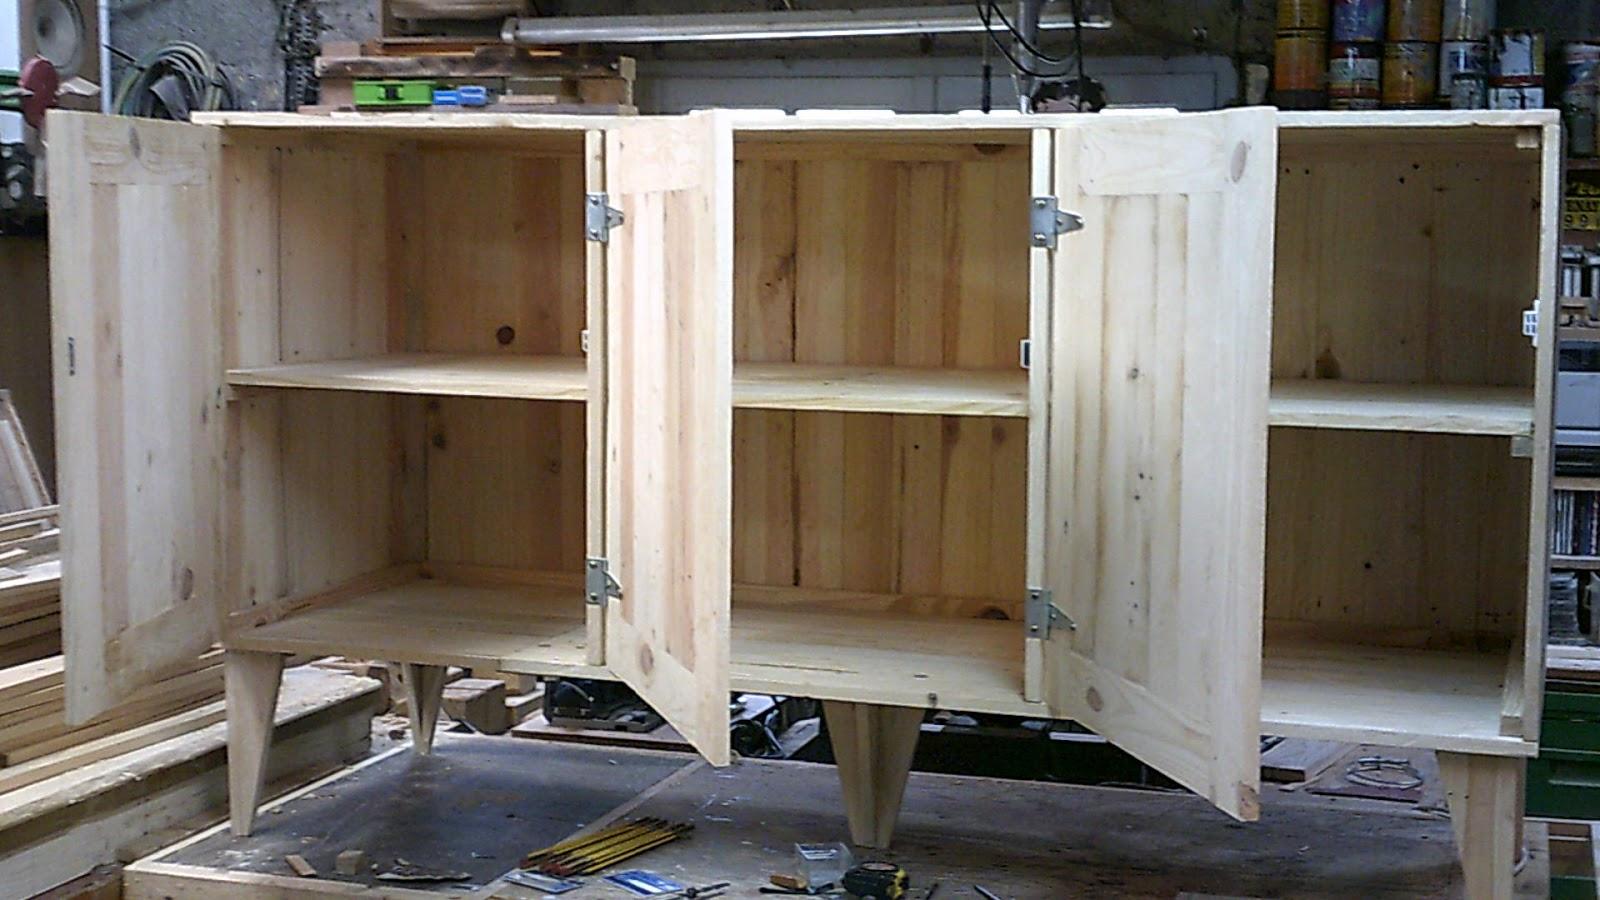 Fabrication de meuble l 39 interieur en bois de palette et for Fabrication de meuble en bois de palette